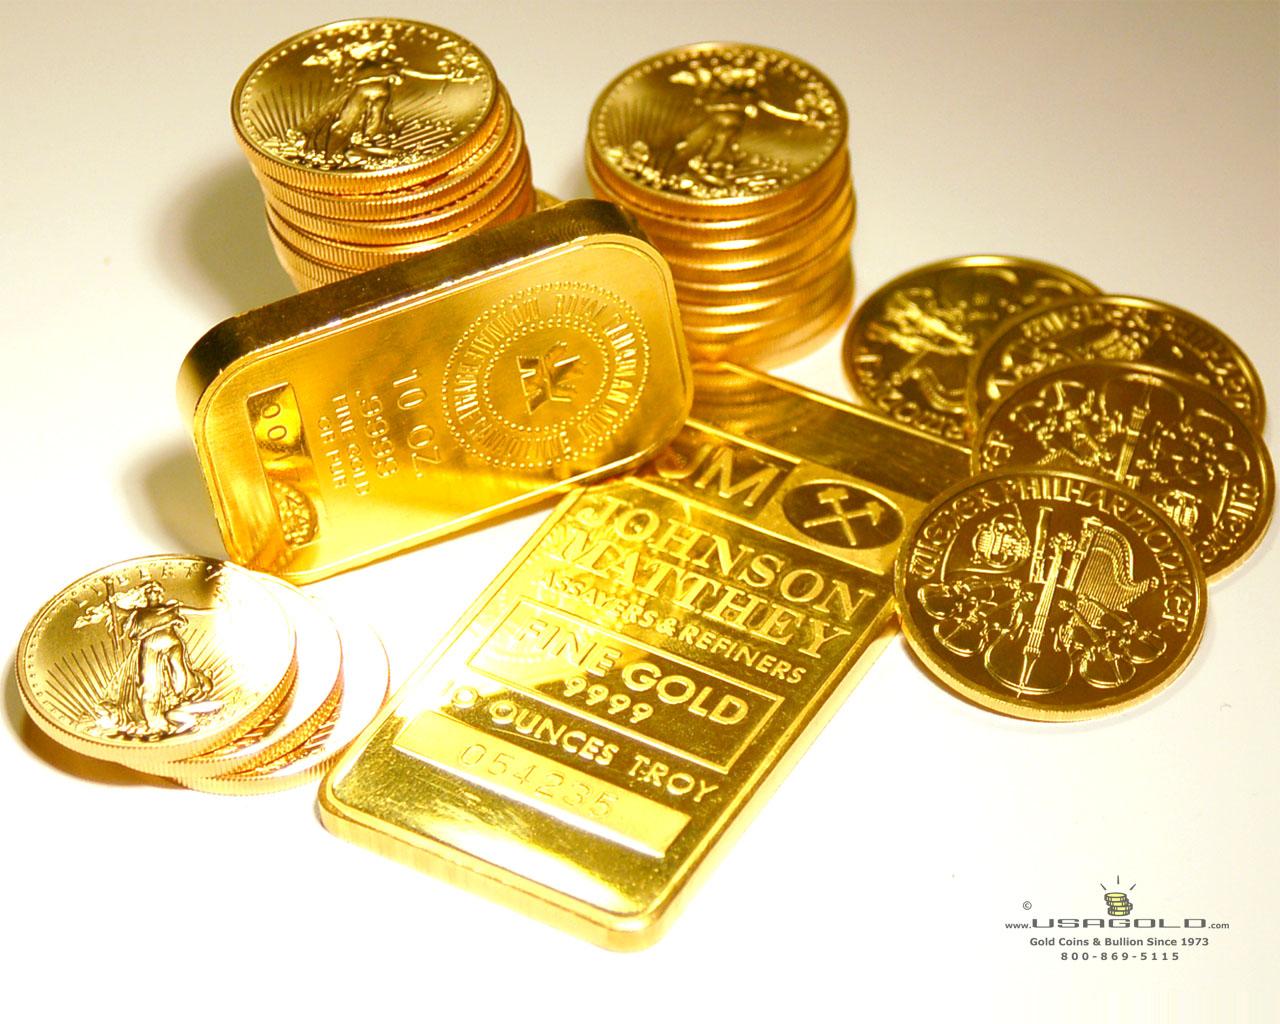 Gia-vang-the-gioi-giá vàng thế giới - Giá vàng hôm nay